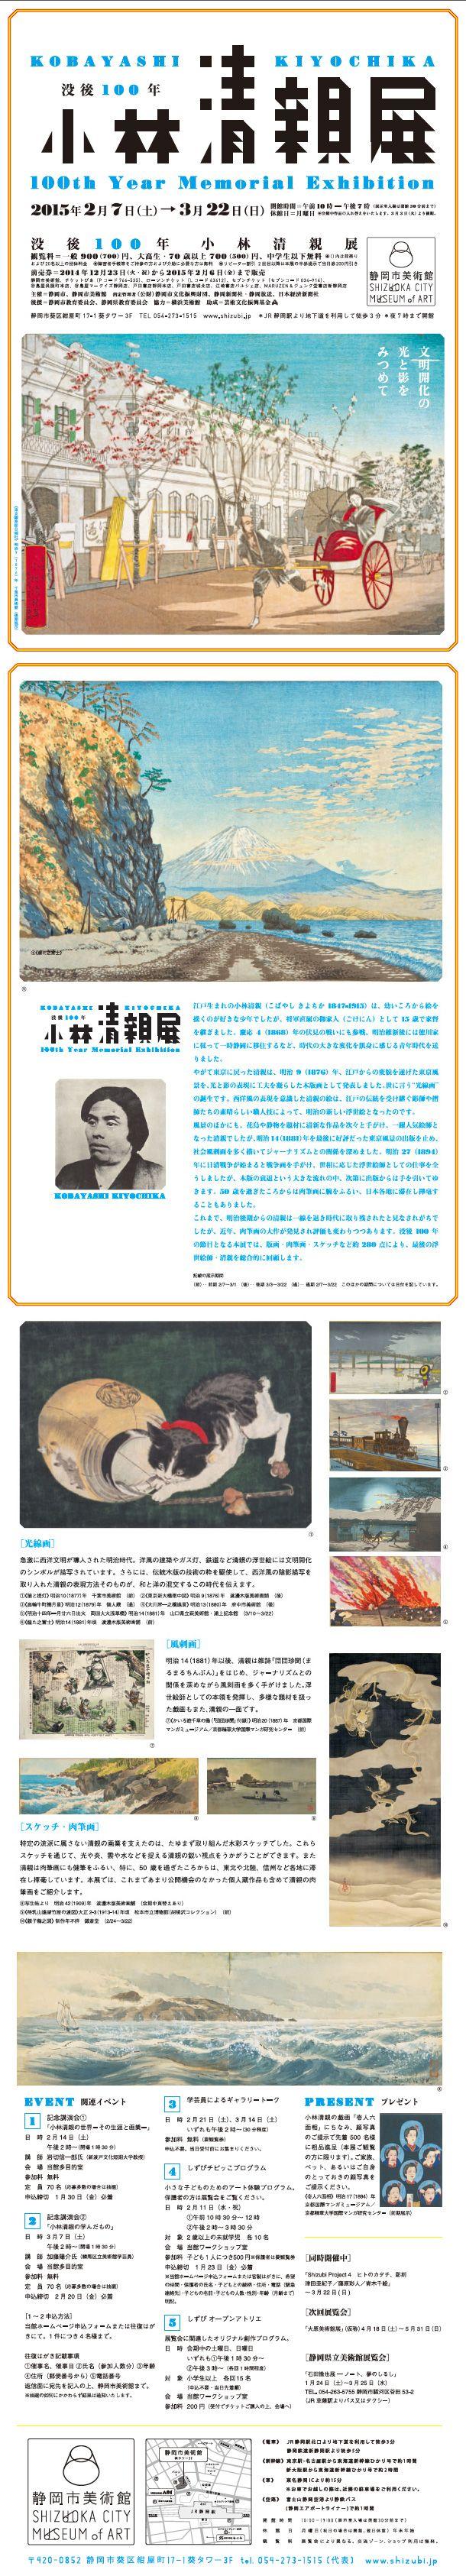 「没後100年 小林清親展 文明開化の光と影をみつめて」|静岡市美術館